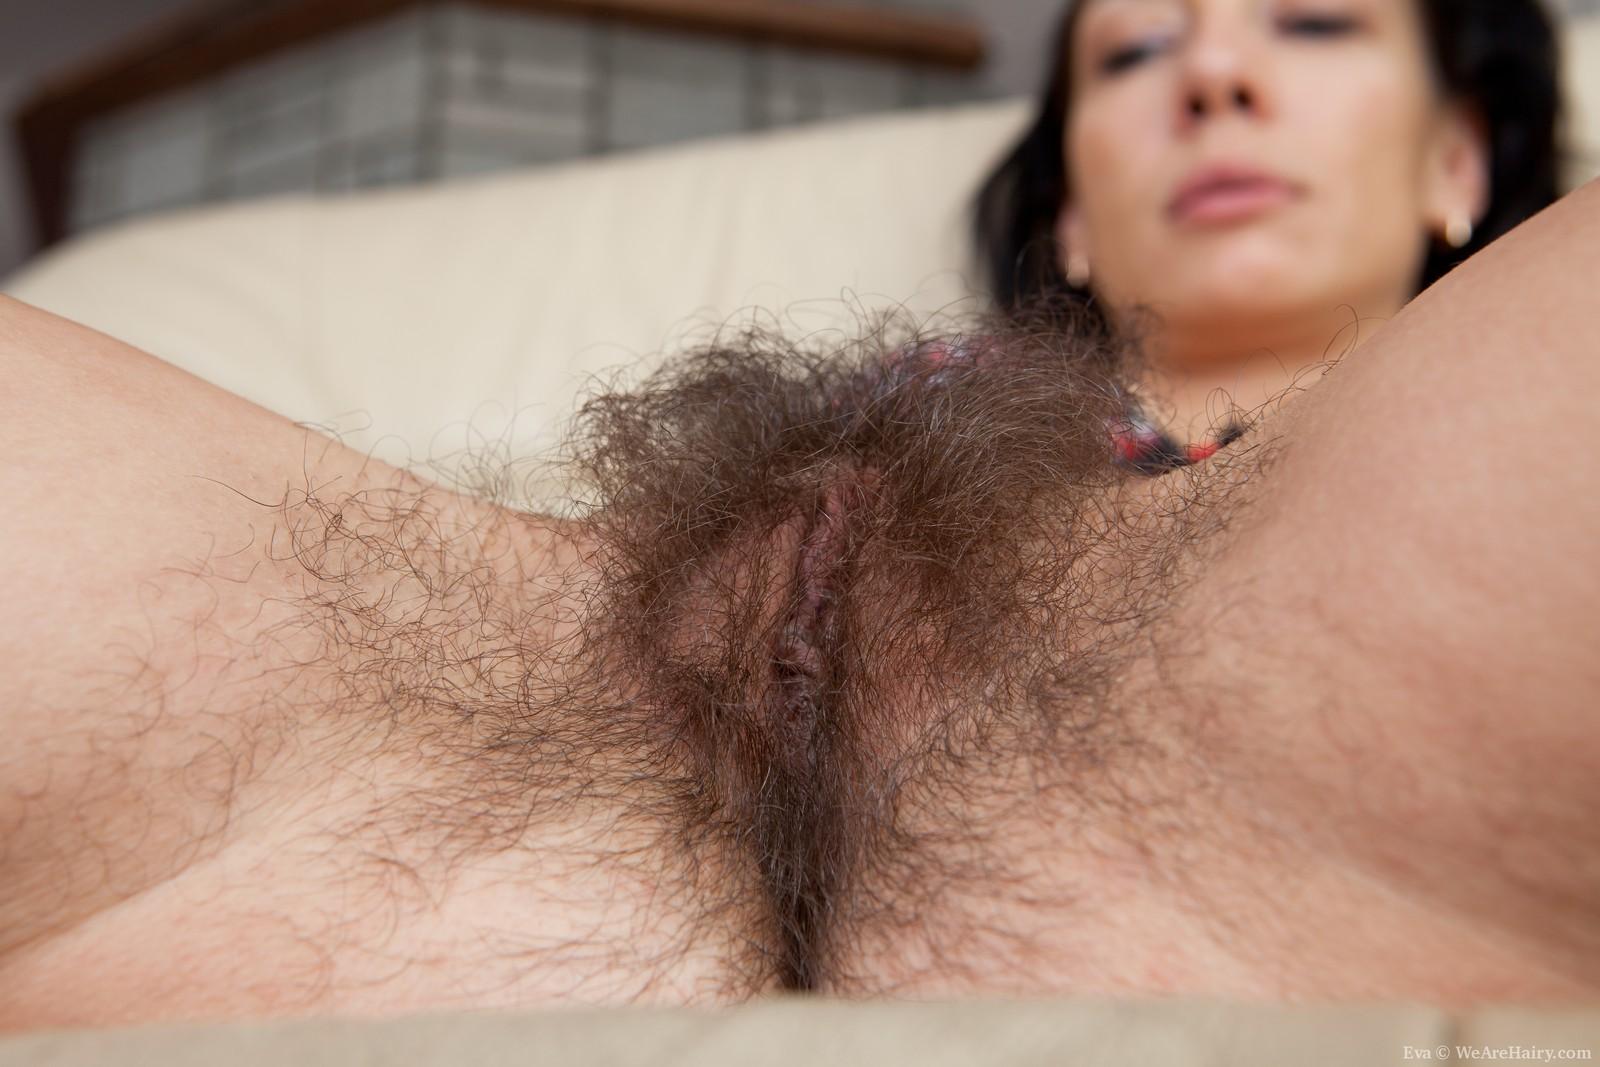 Hairy female pubic hair